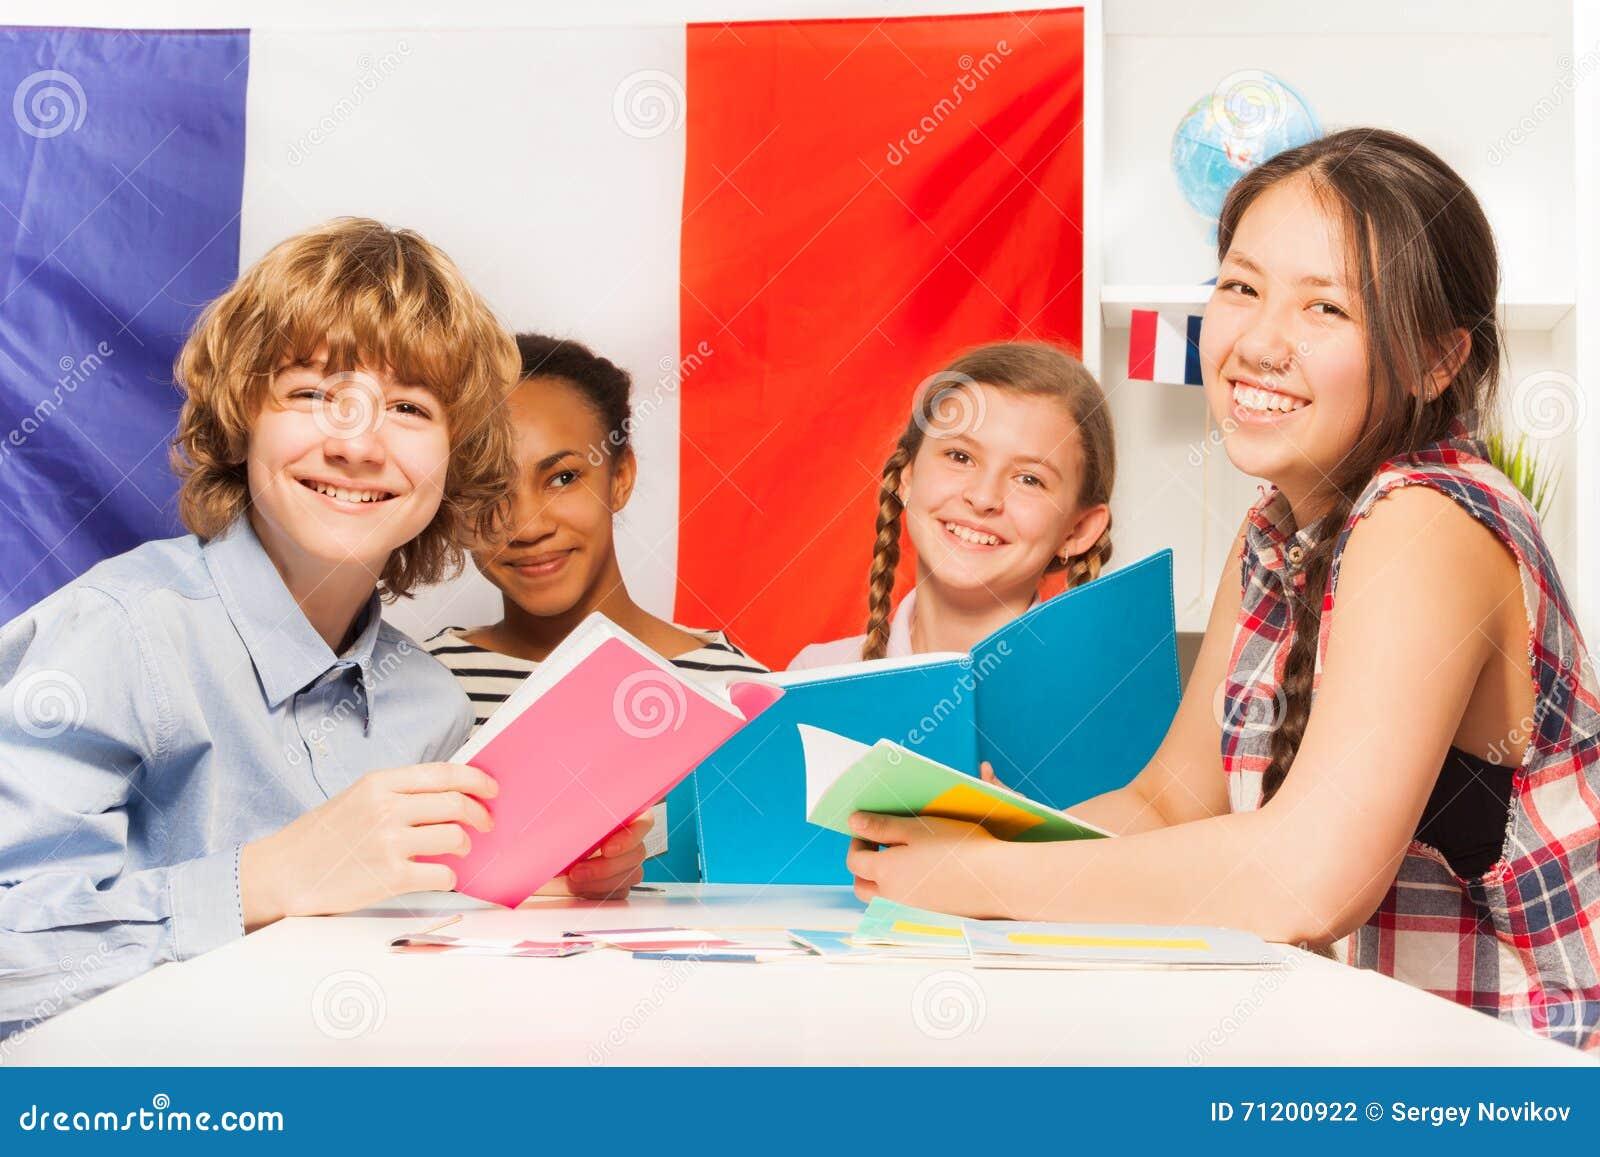 Εφηβικοί σπουδαστές που μαθαίνουν τα γαλλικά στην τάξη